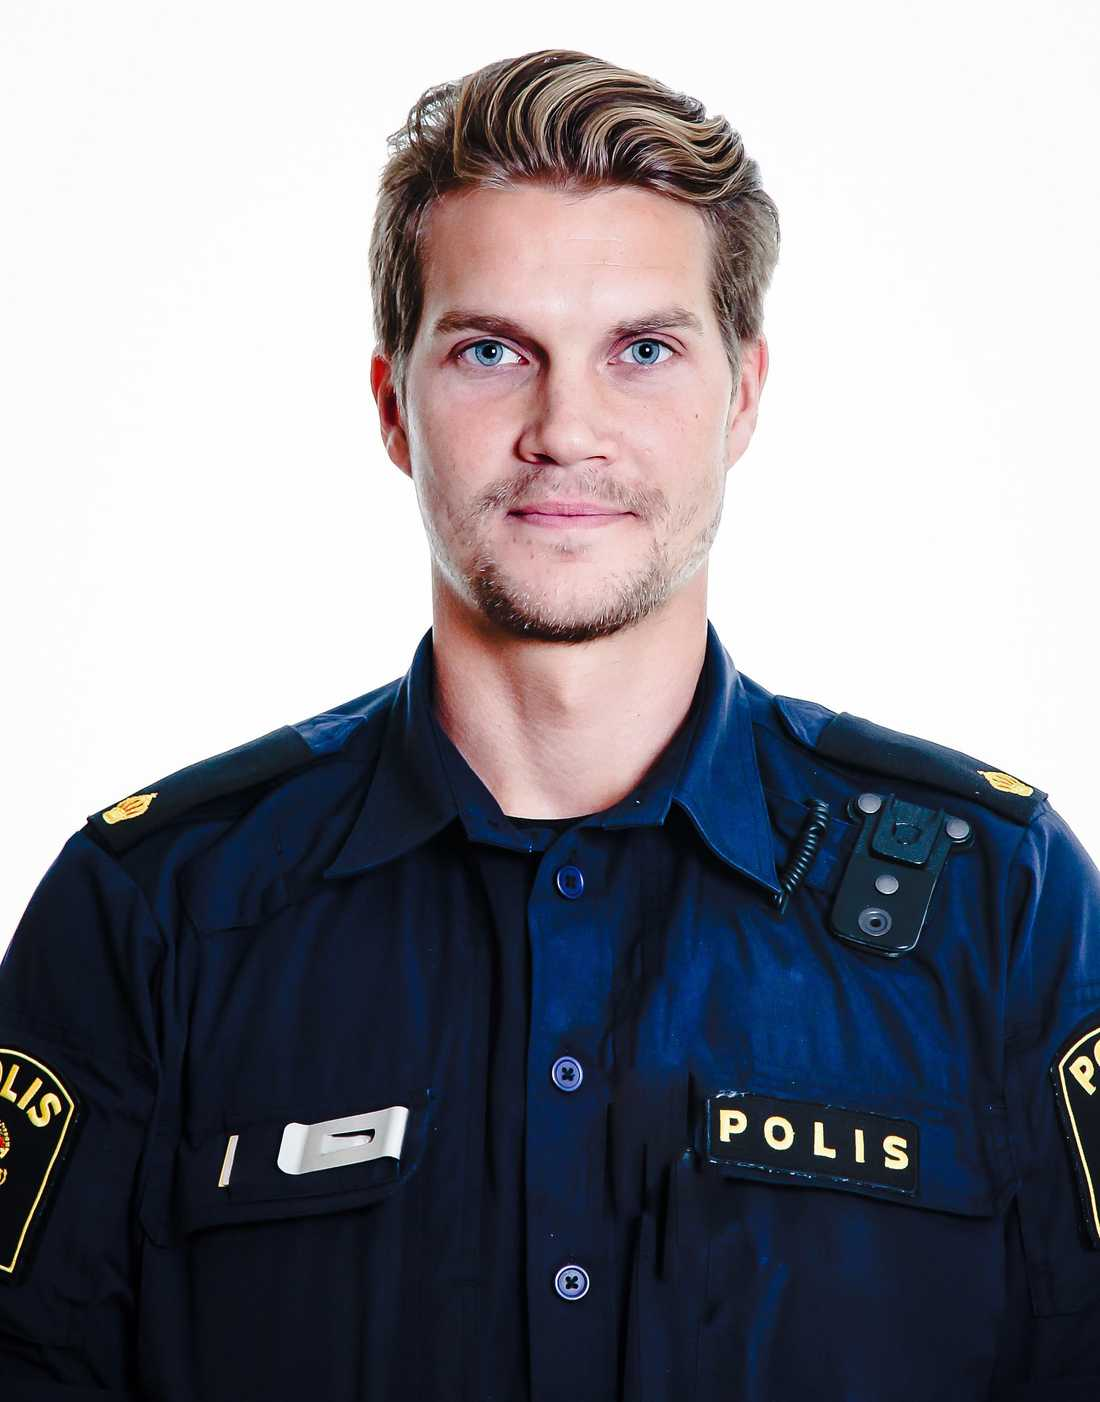 Polisen Ted Eriksson attackerades av en knivbeväpnad man vid Medborgarplatsen i Stockholm tidigare i år.